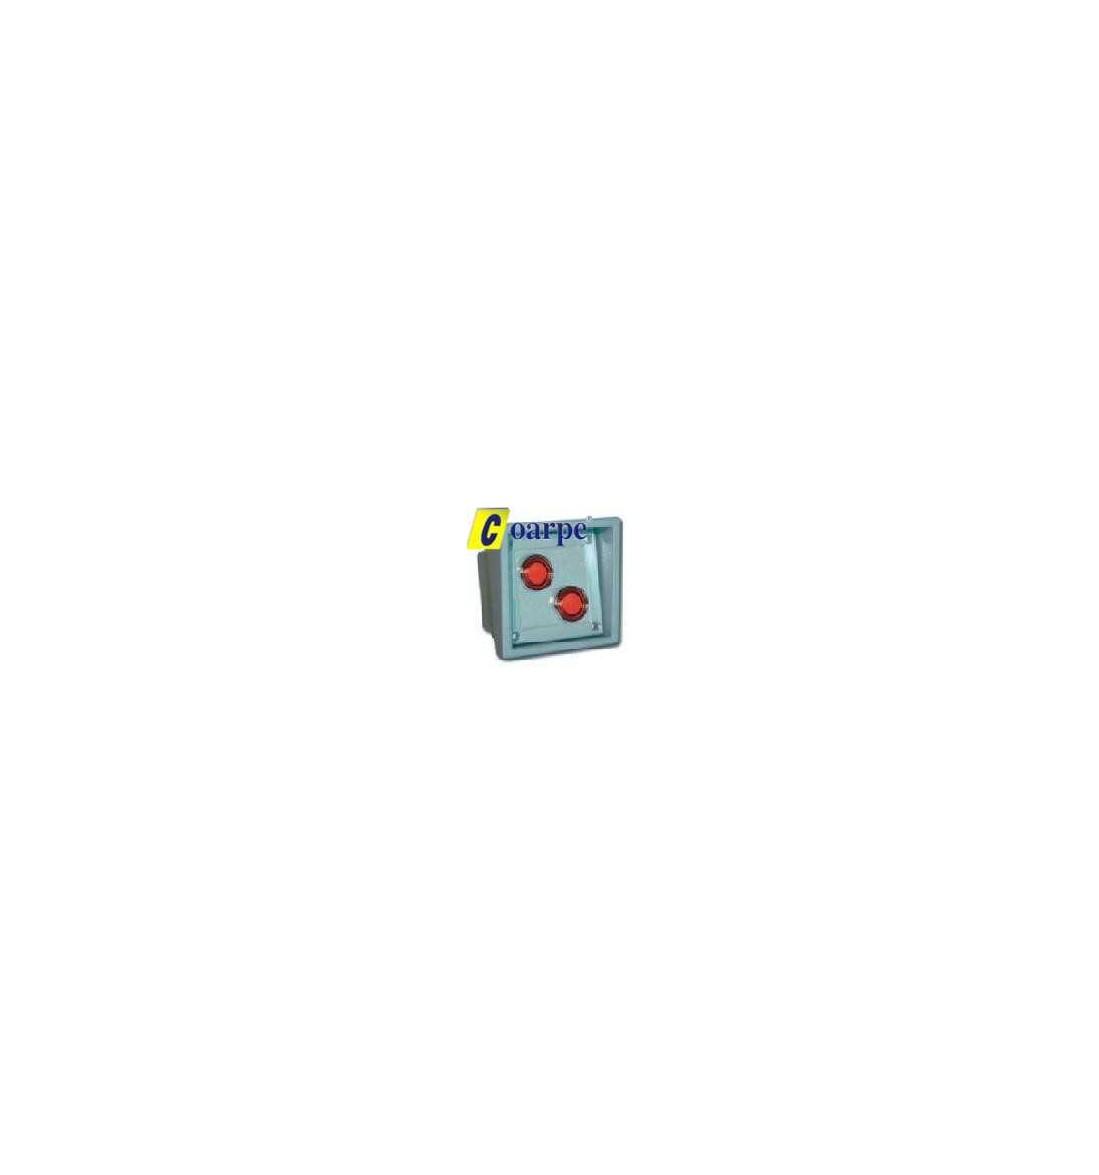 Botonera CLEMSA 2 pulsadores